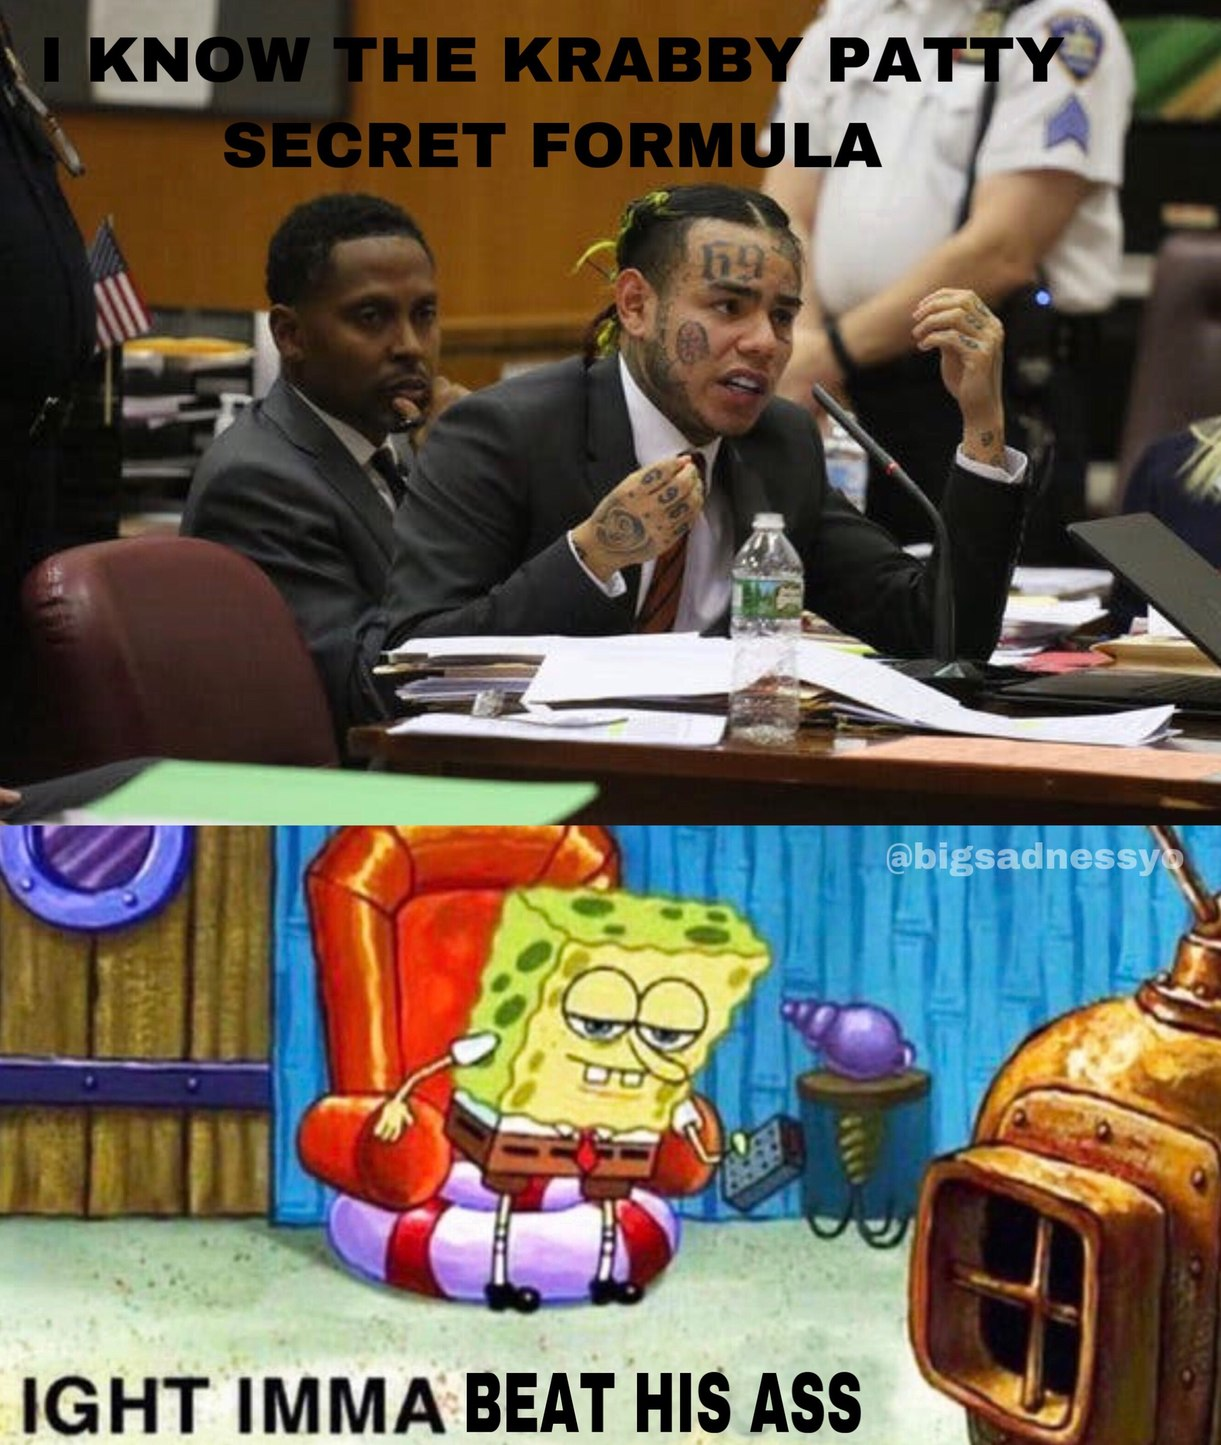 stole secret formula - meme